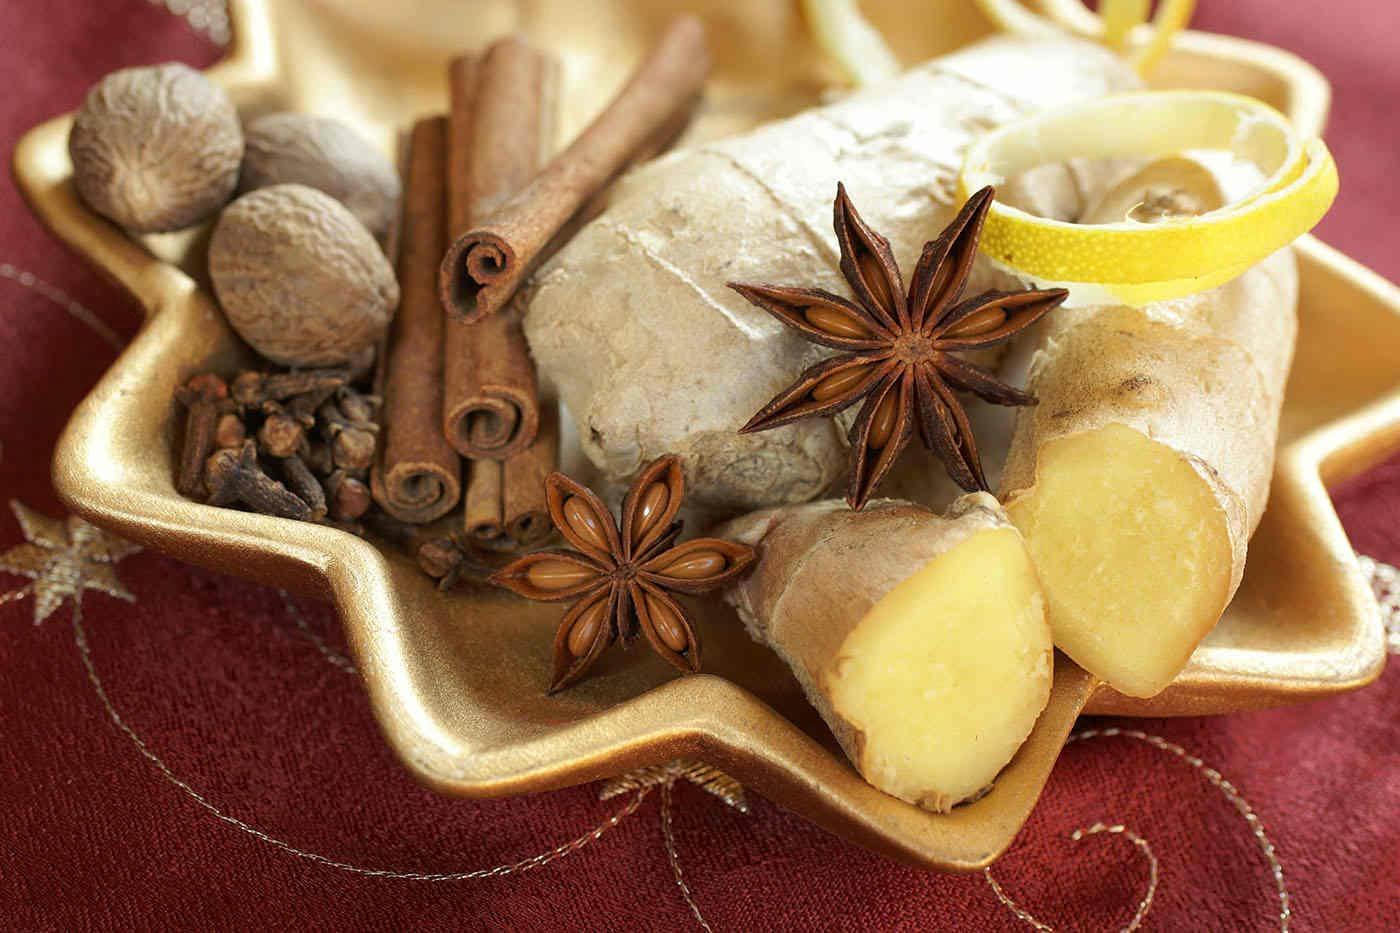 Crăciunul înseamnă scorțișoară, ghimbir și cuișoare. Ce beneficii au aceste condimente pentru sănătate?